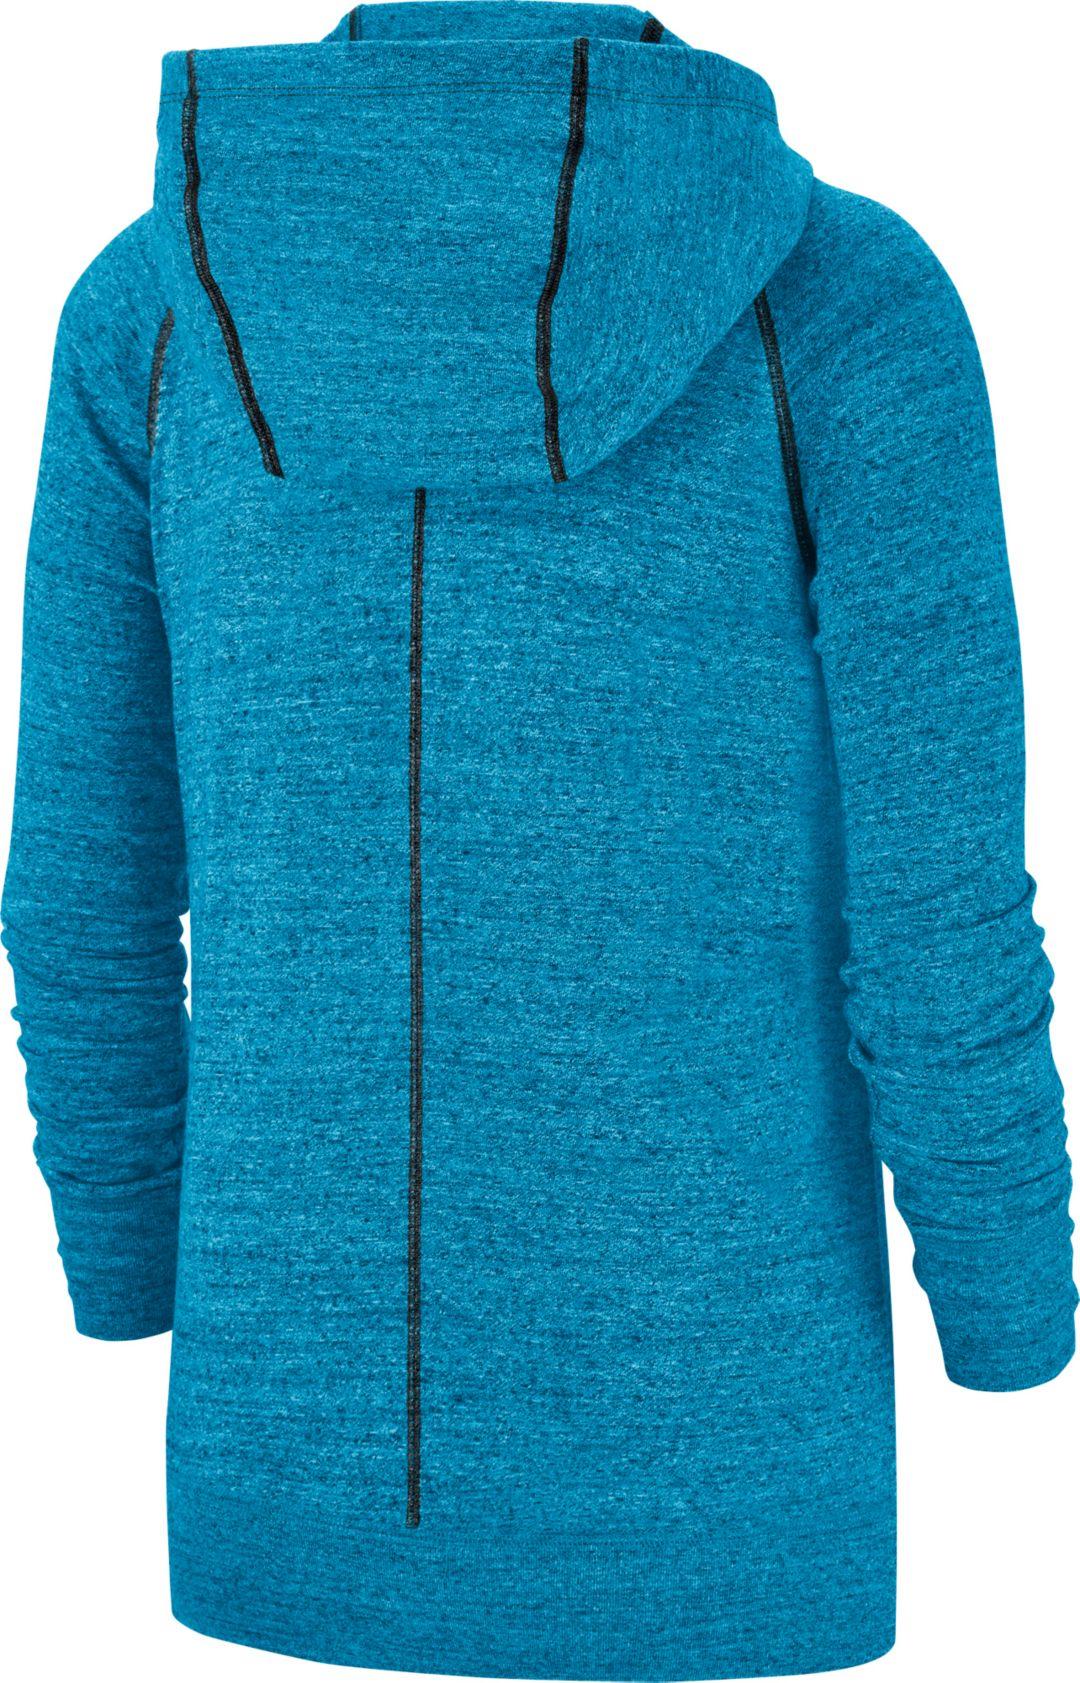 pretty nice 96fb2 bd3d4 Nike Women's Carolina Panthers Vintage Blue Full-Zip Hoodie